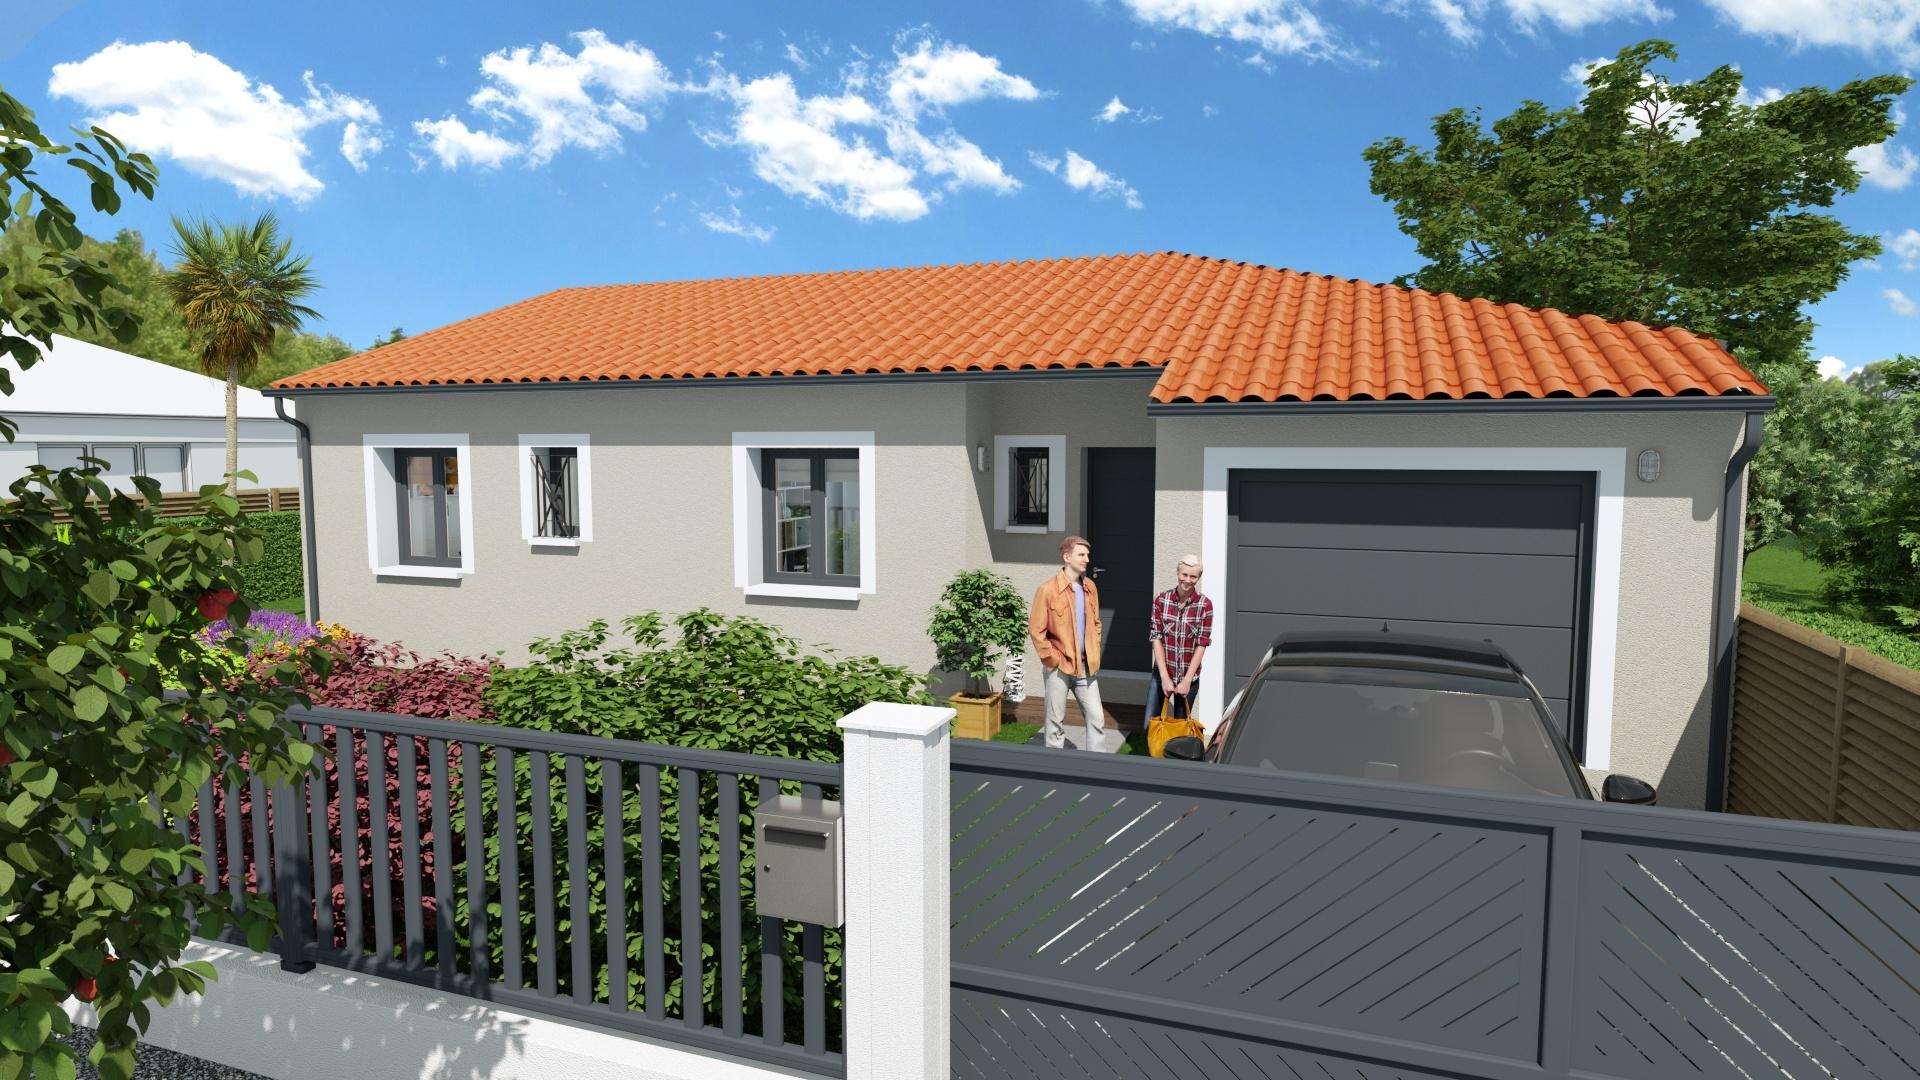 Maisons + Terrains du constructeur Maison Familiale Toulouse • 101 m² • VERNET